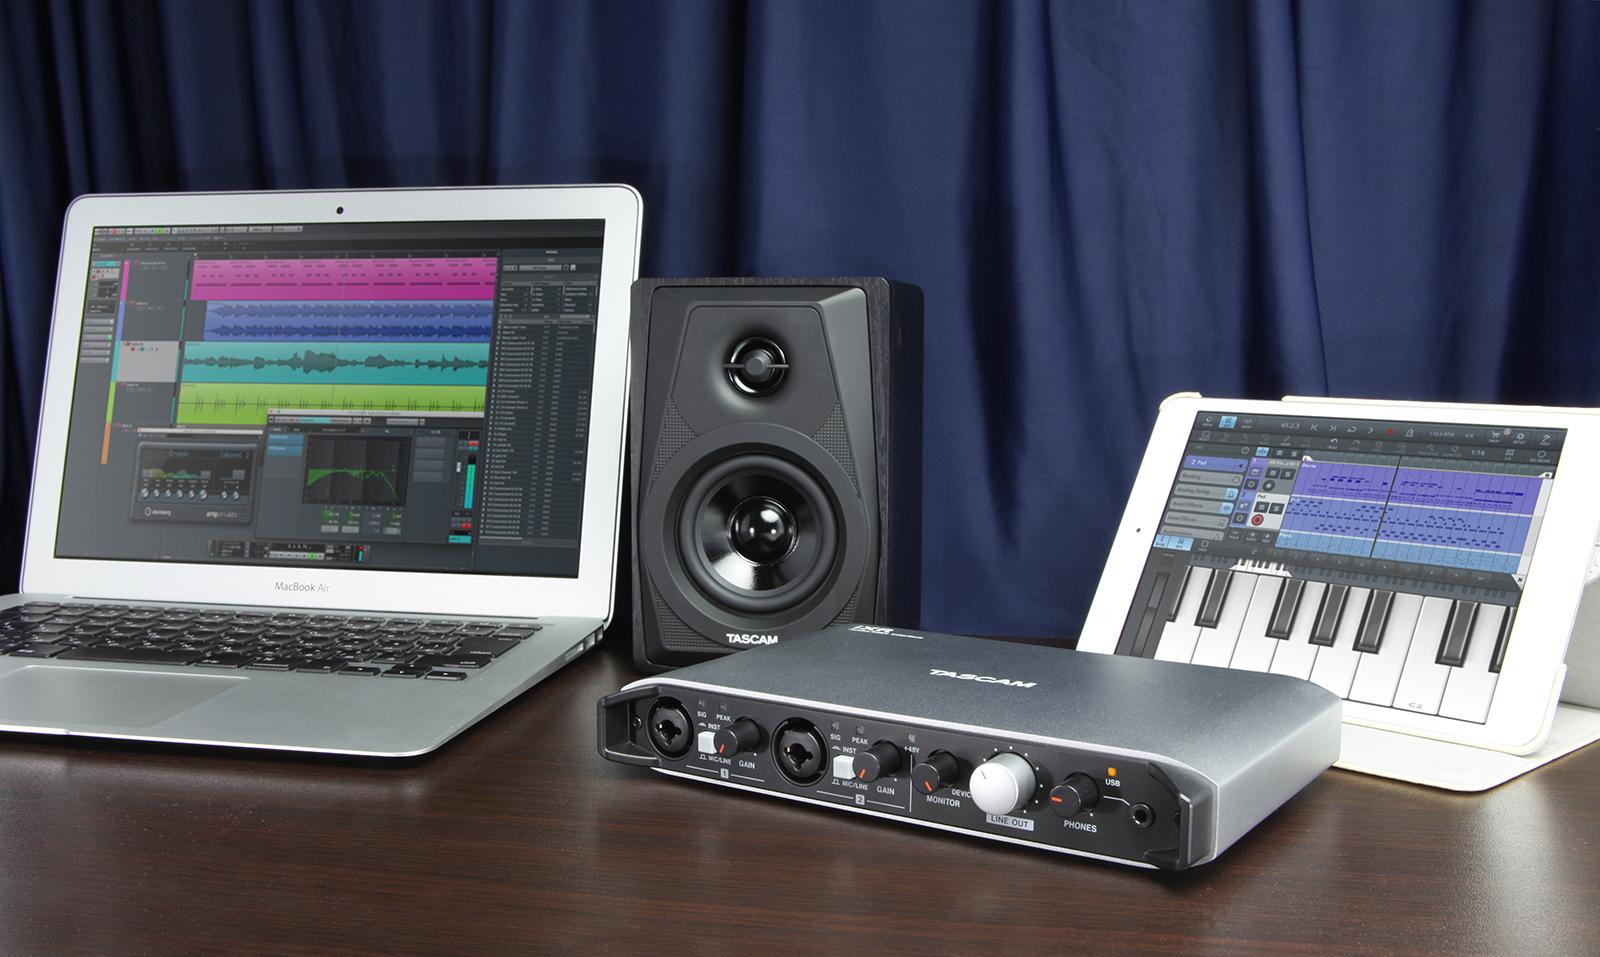 Tascam ra mắt iXR – audio interface chất lượng cao dành cho iOS